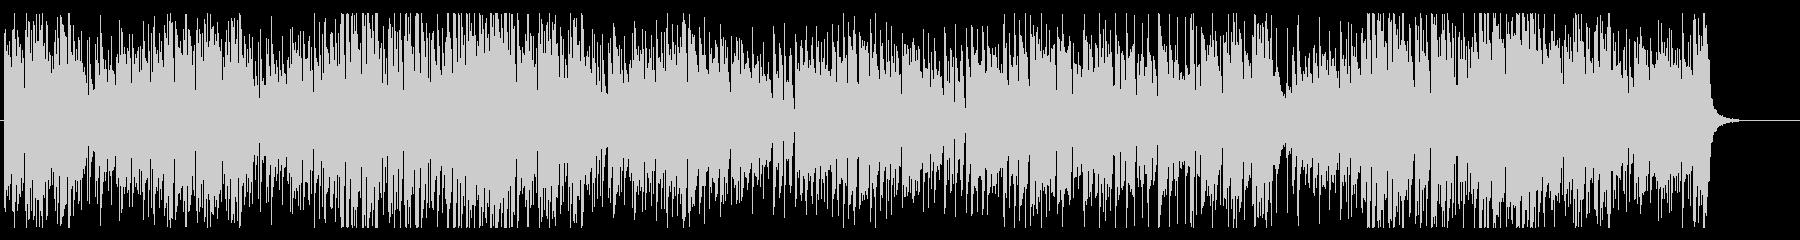 ピアノとオルガンでハイテンポなラグタイムの未再生の波形